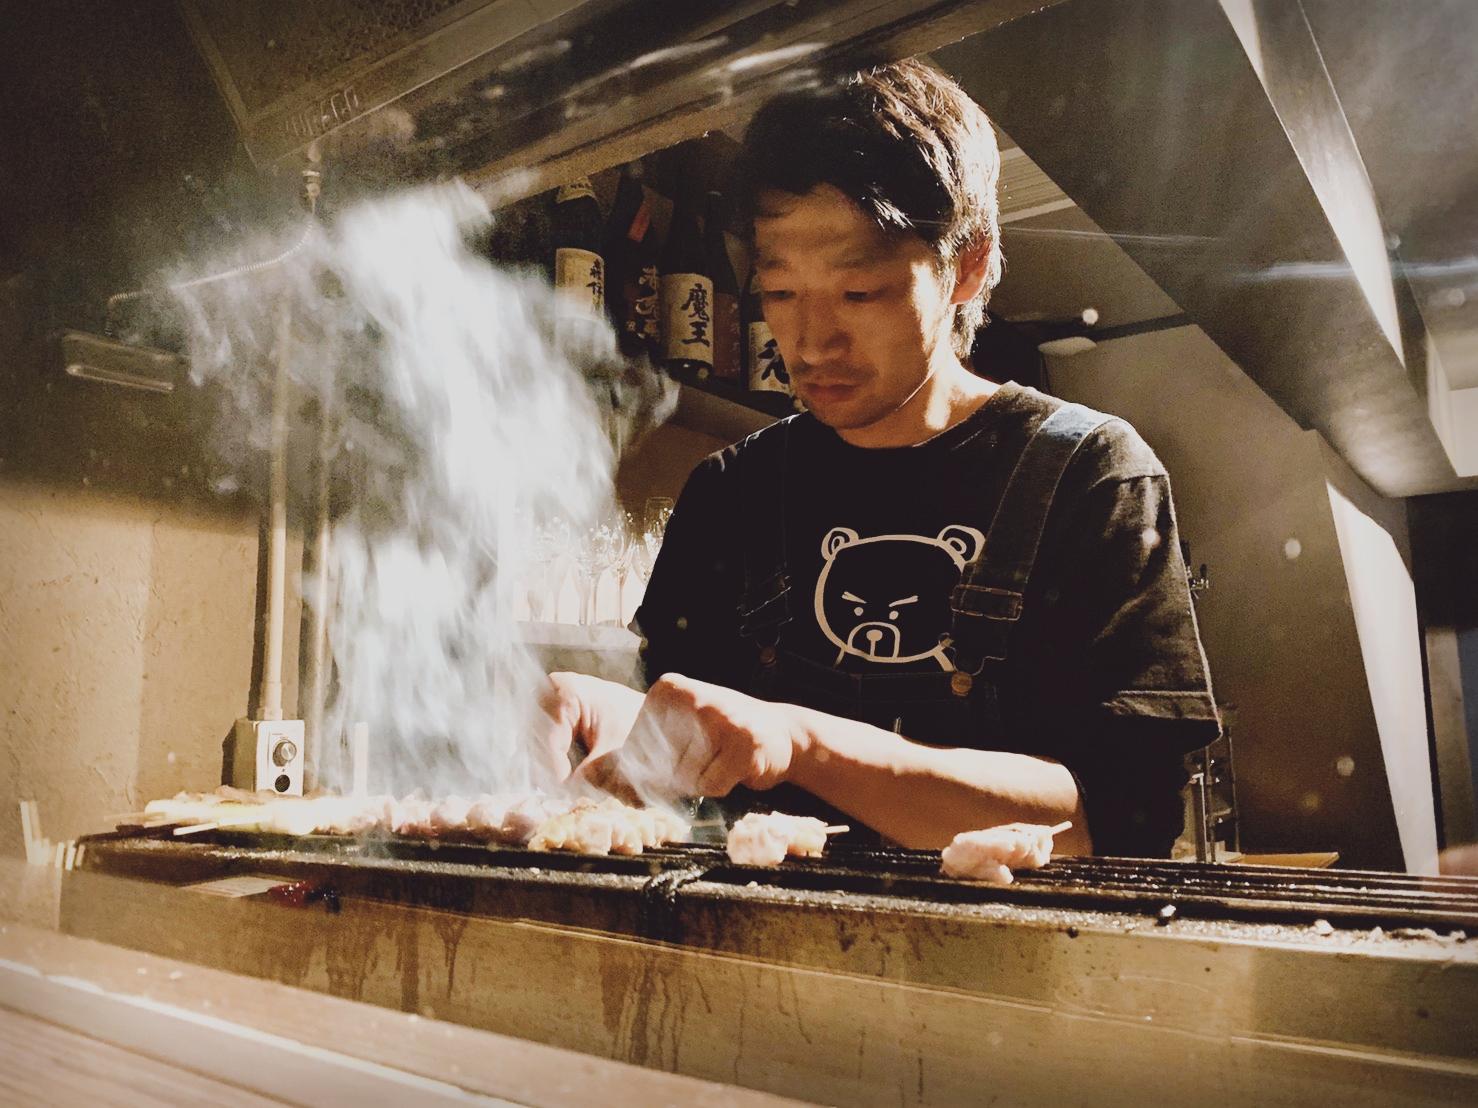 日本一高い究極の卵かけご飯!?2年連続食べログ百名店を獲得した「熊の焼鳥」が名古屋に初出店! - sub1 1